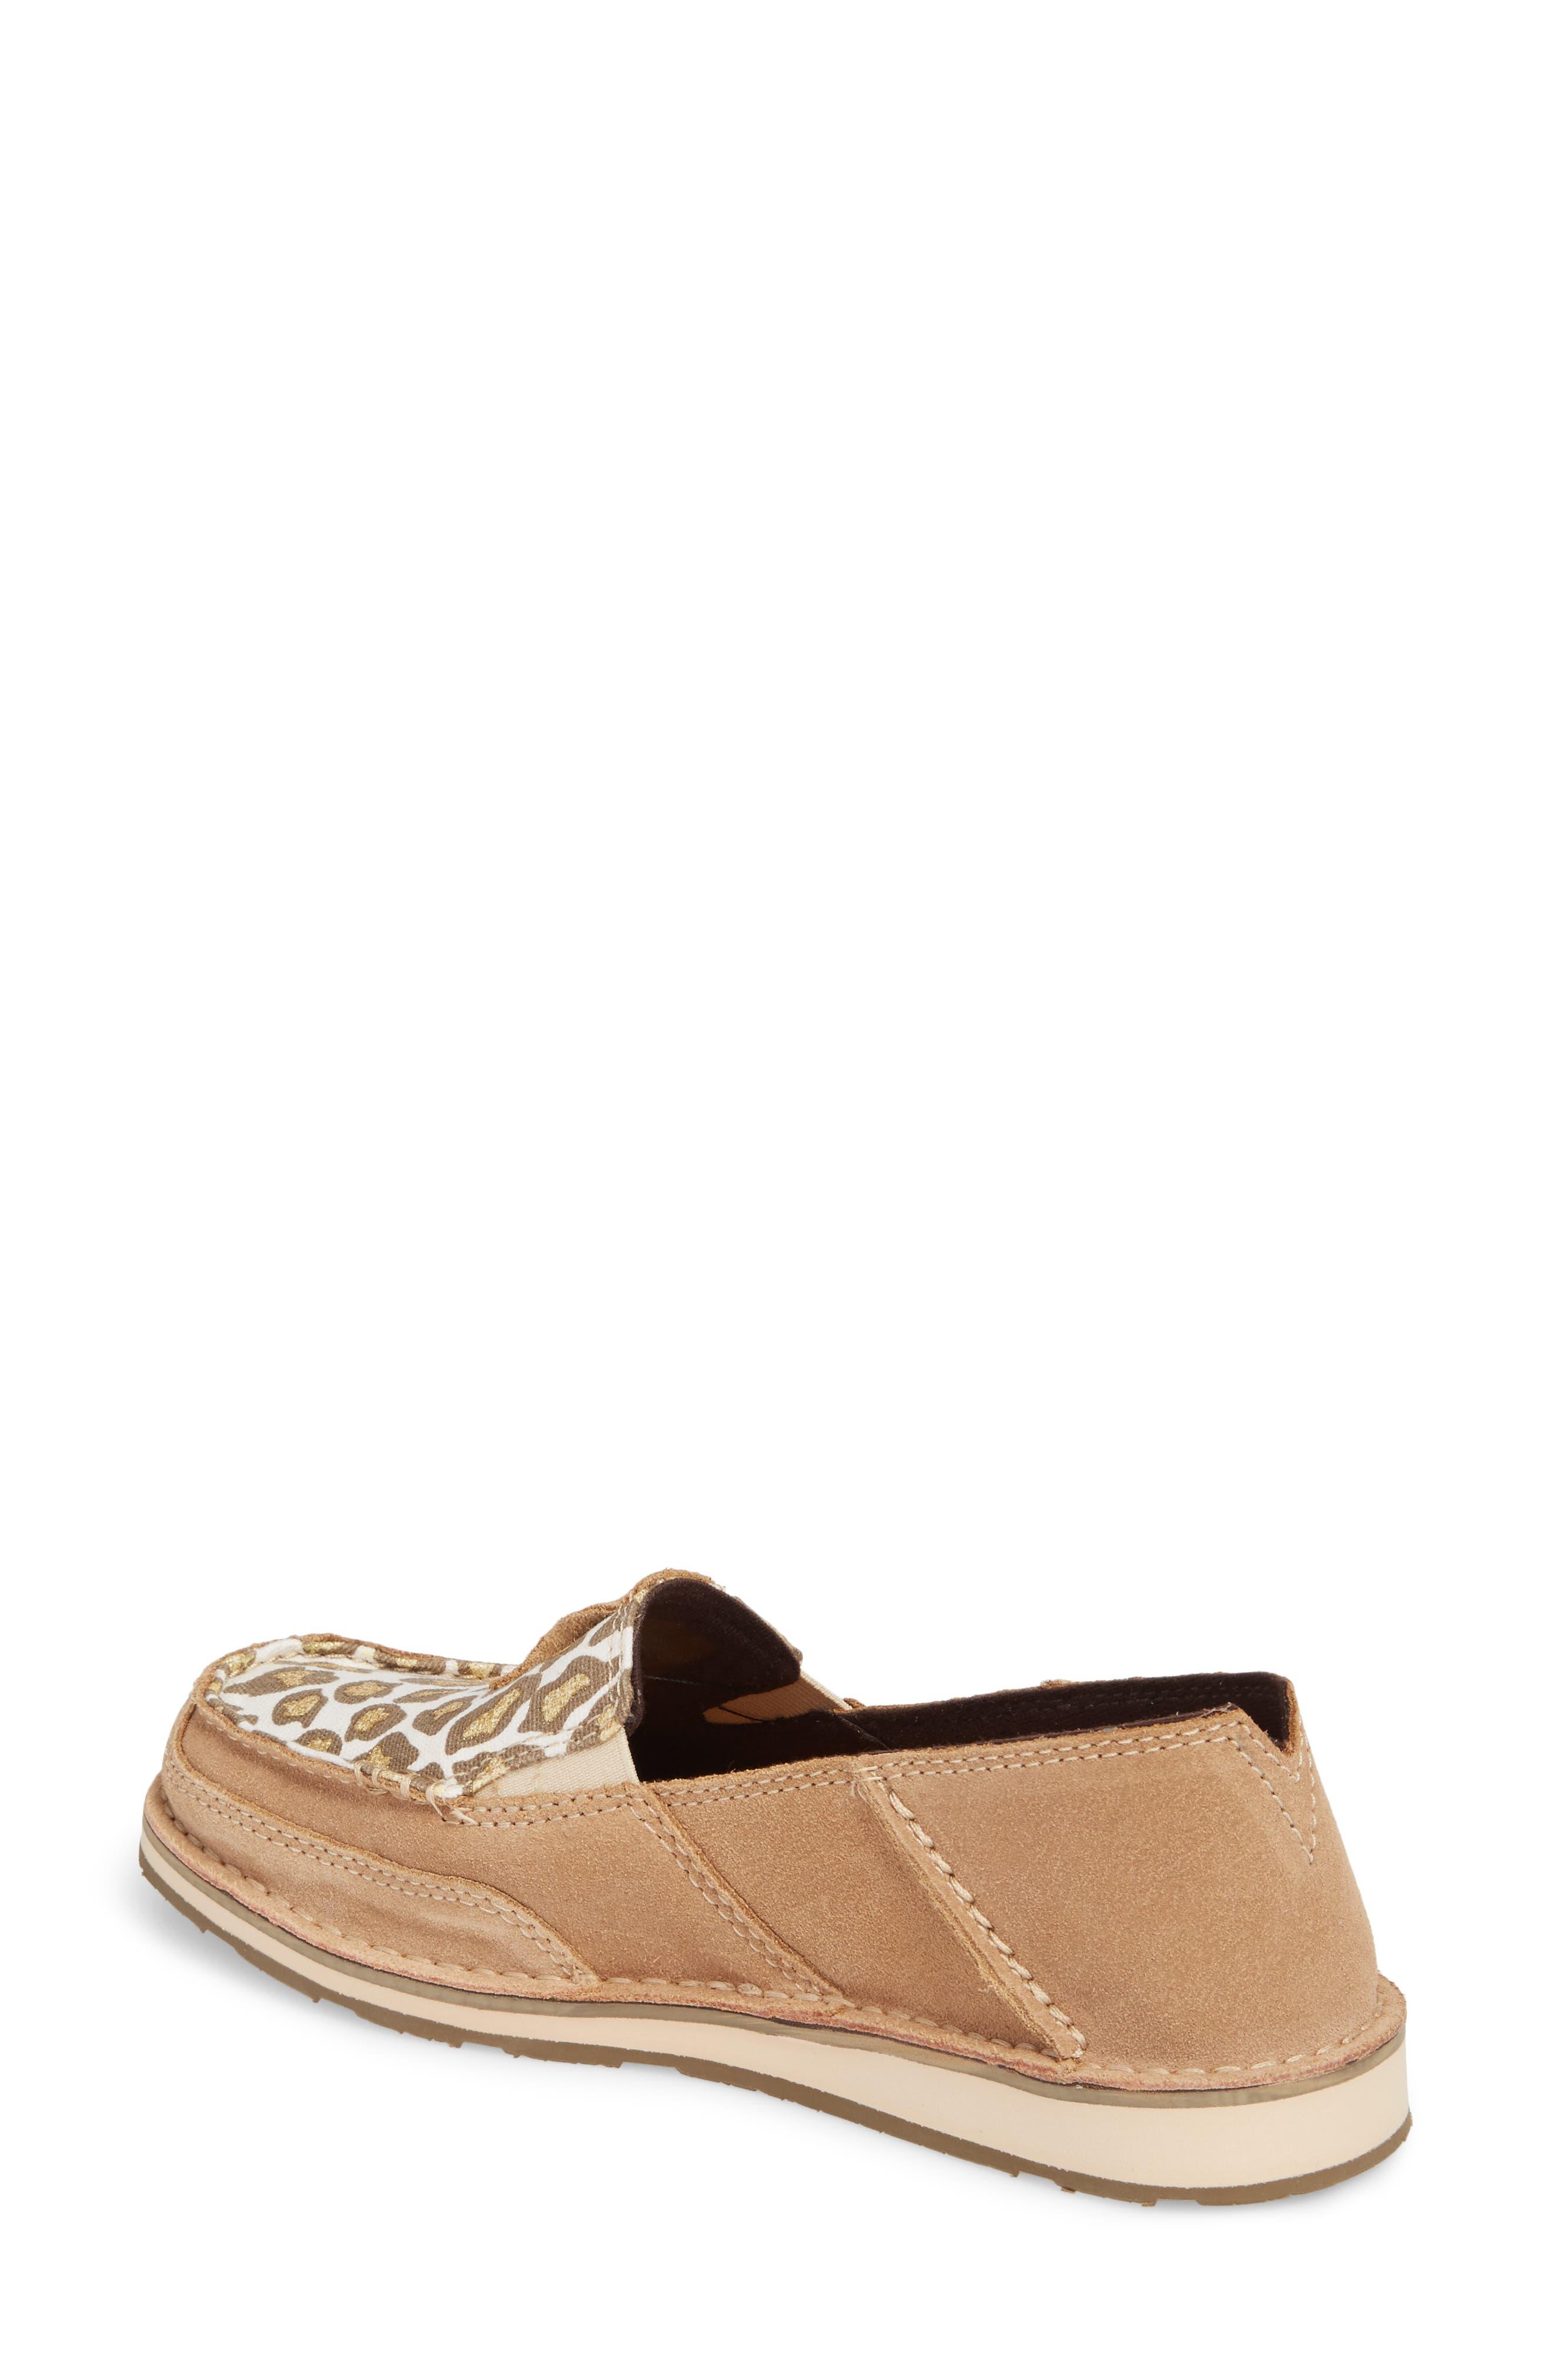 Alternate Image 2  - Ariat Cruiser Slip-On Loafer (Women)